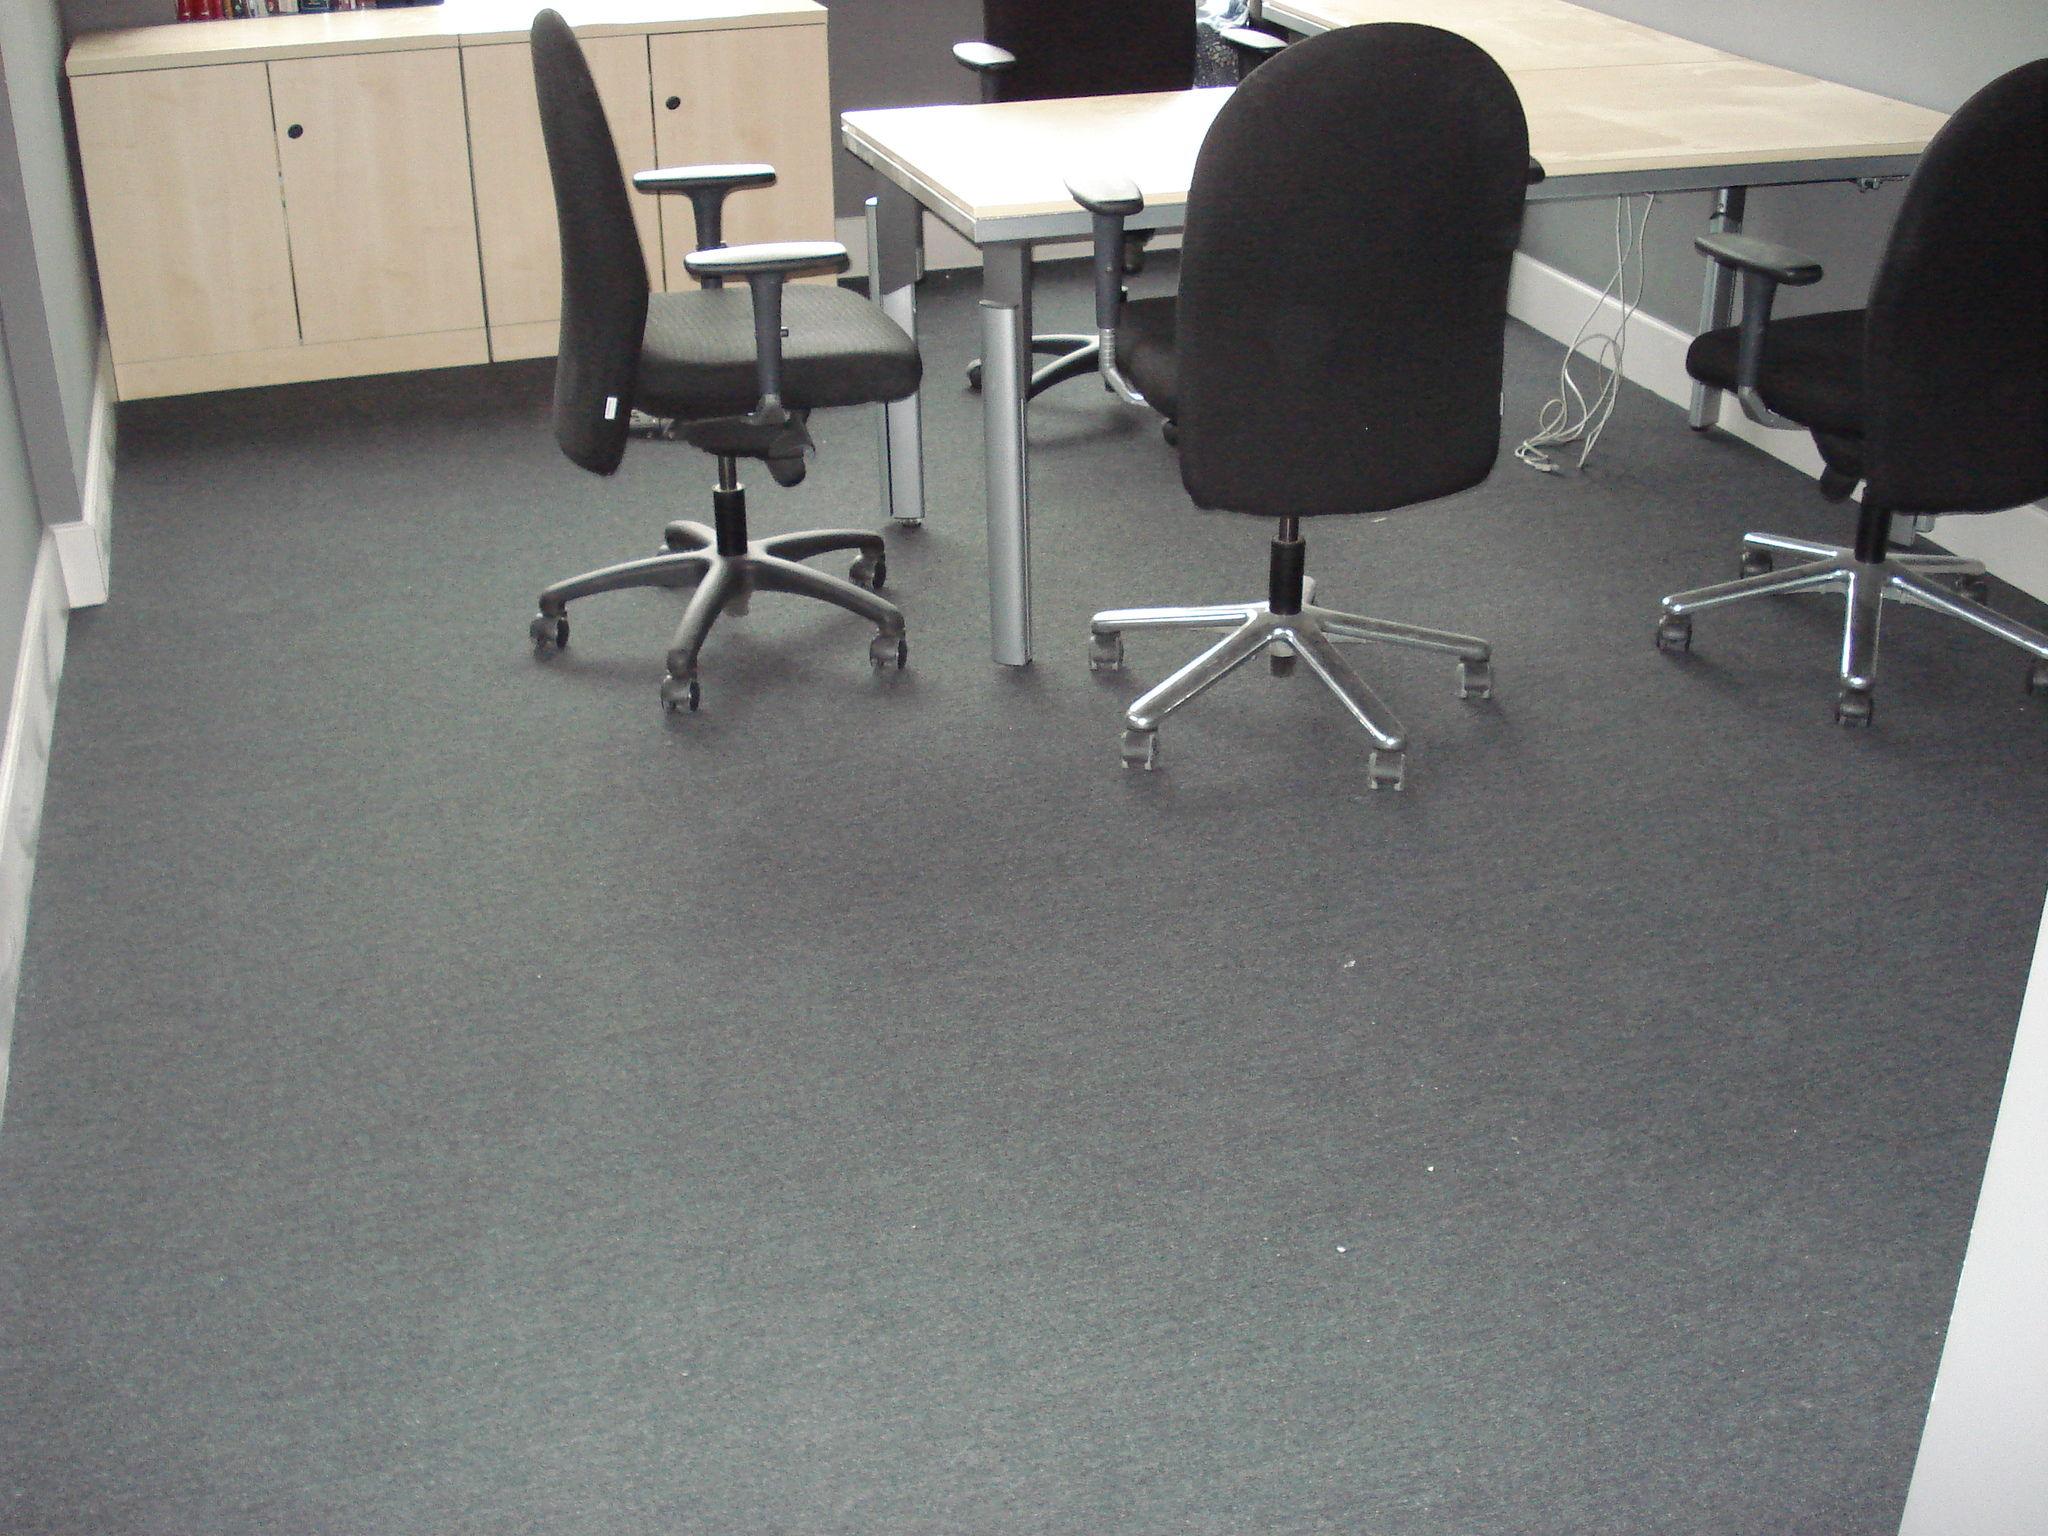 suelo con losetas de moqueta